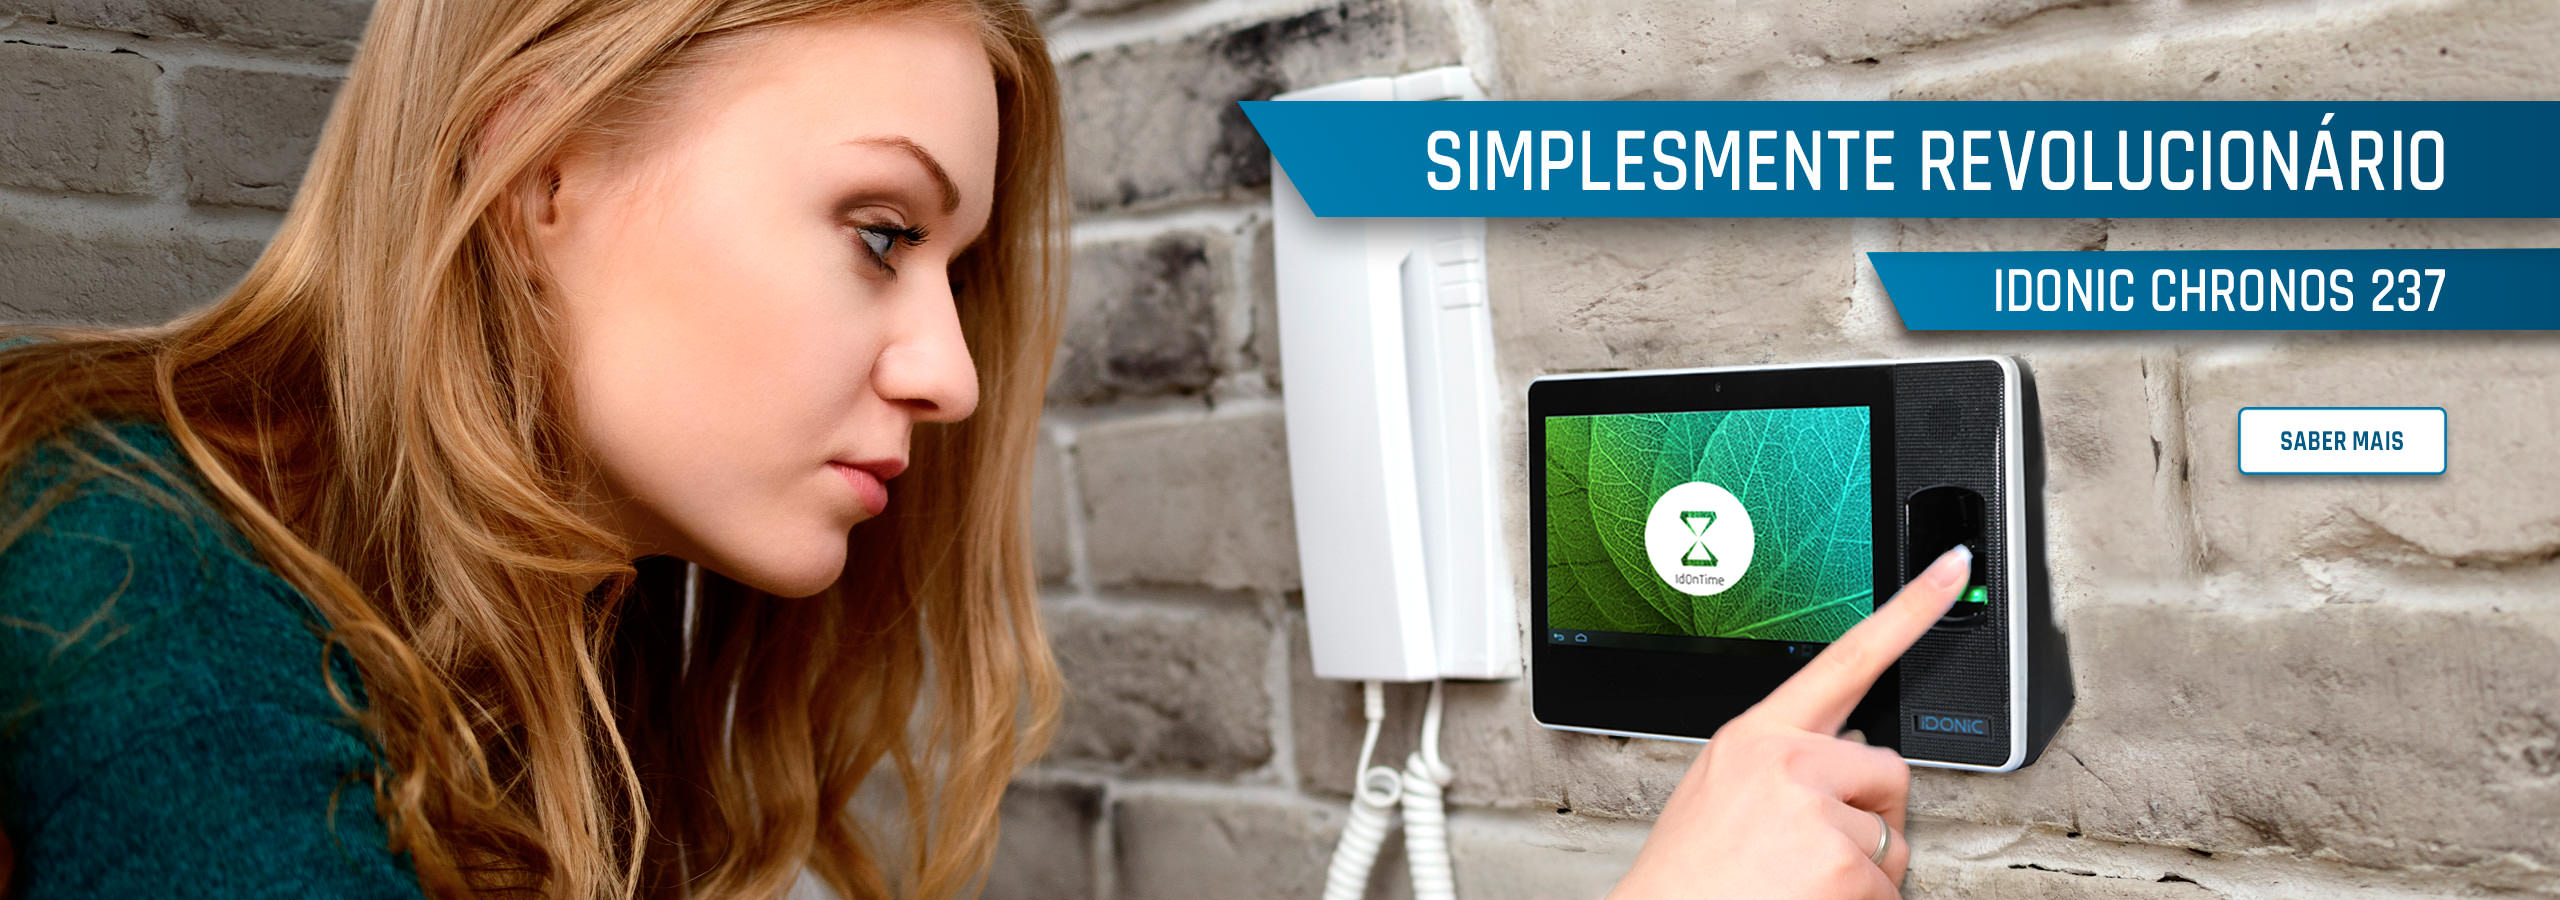 Relógio de Ponto Biométrico com Leitura da Impressão Digital e Cartão de Ponto RFID - IDONIC CHRONOS 237